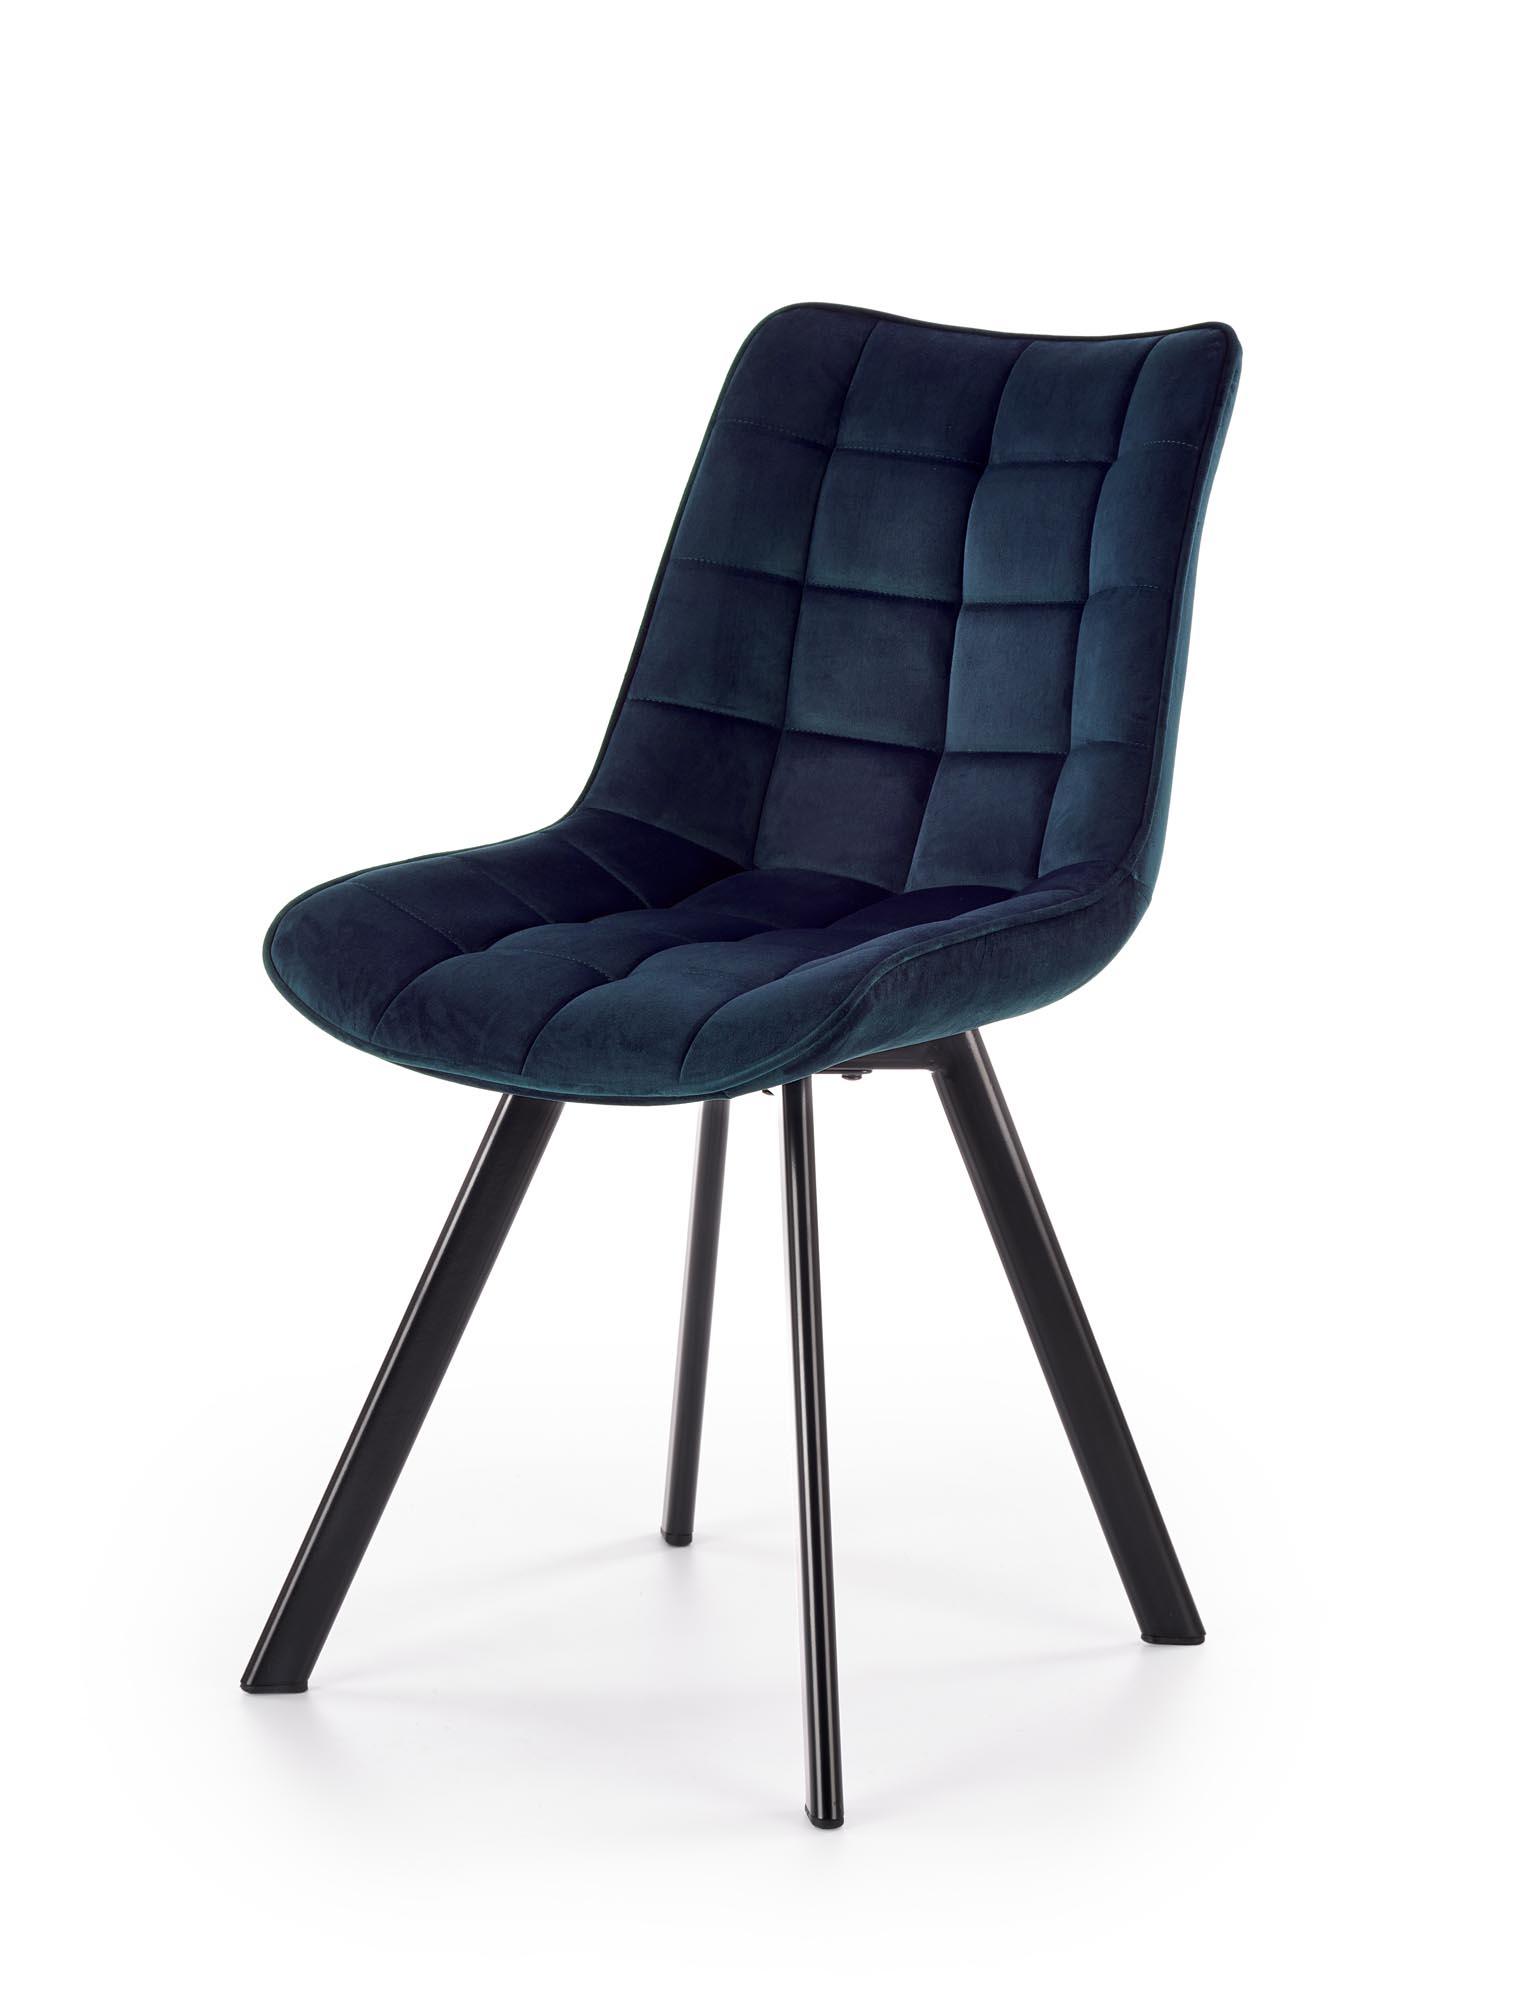 K332 stolička nohy - čierne, sedák - granátová